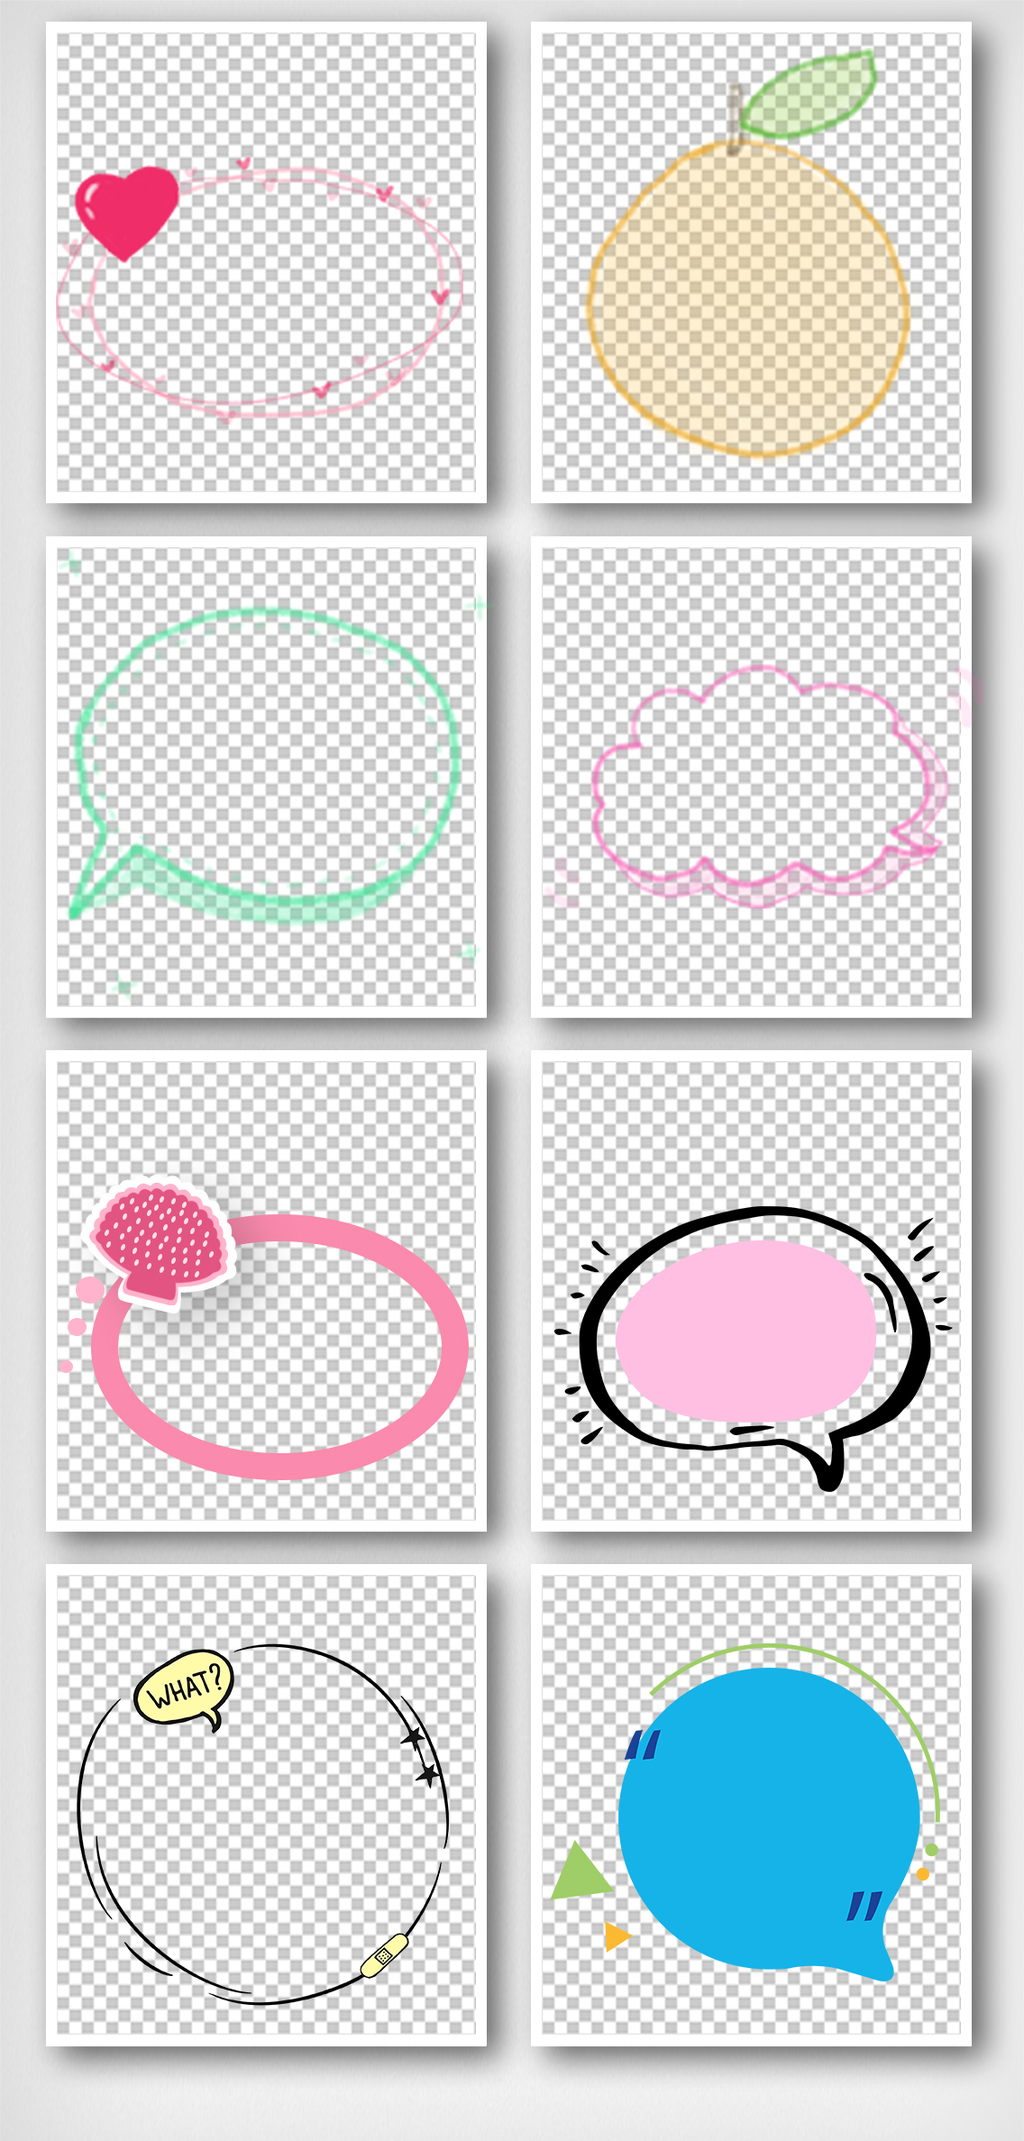 手抄报|小报 小报/板报素材 边框 > 卡通线条手抄报边框元素   图片